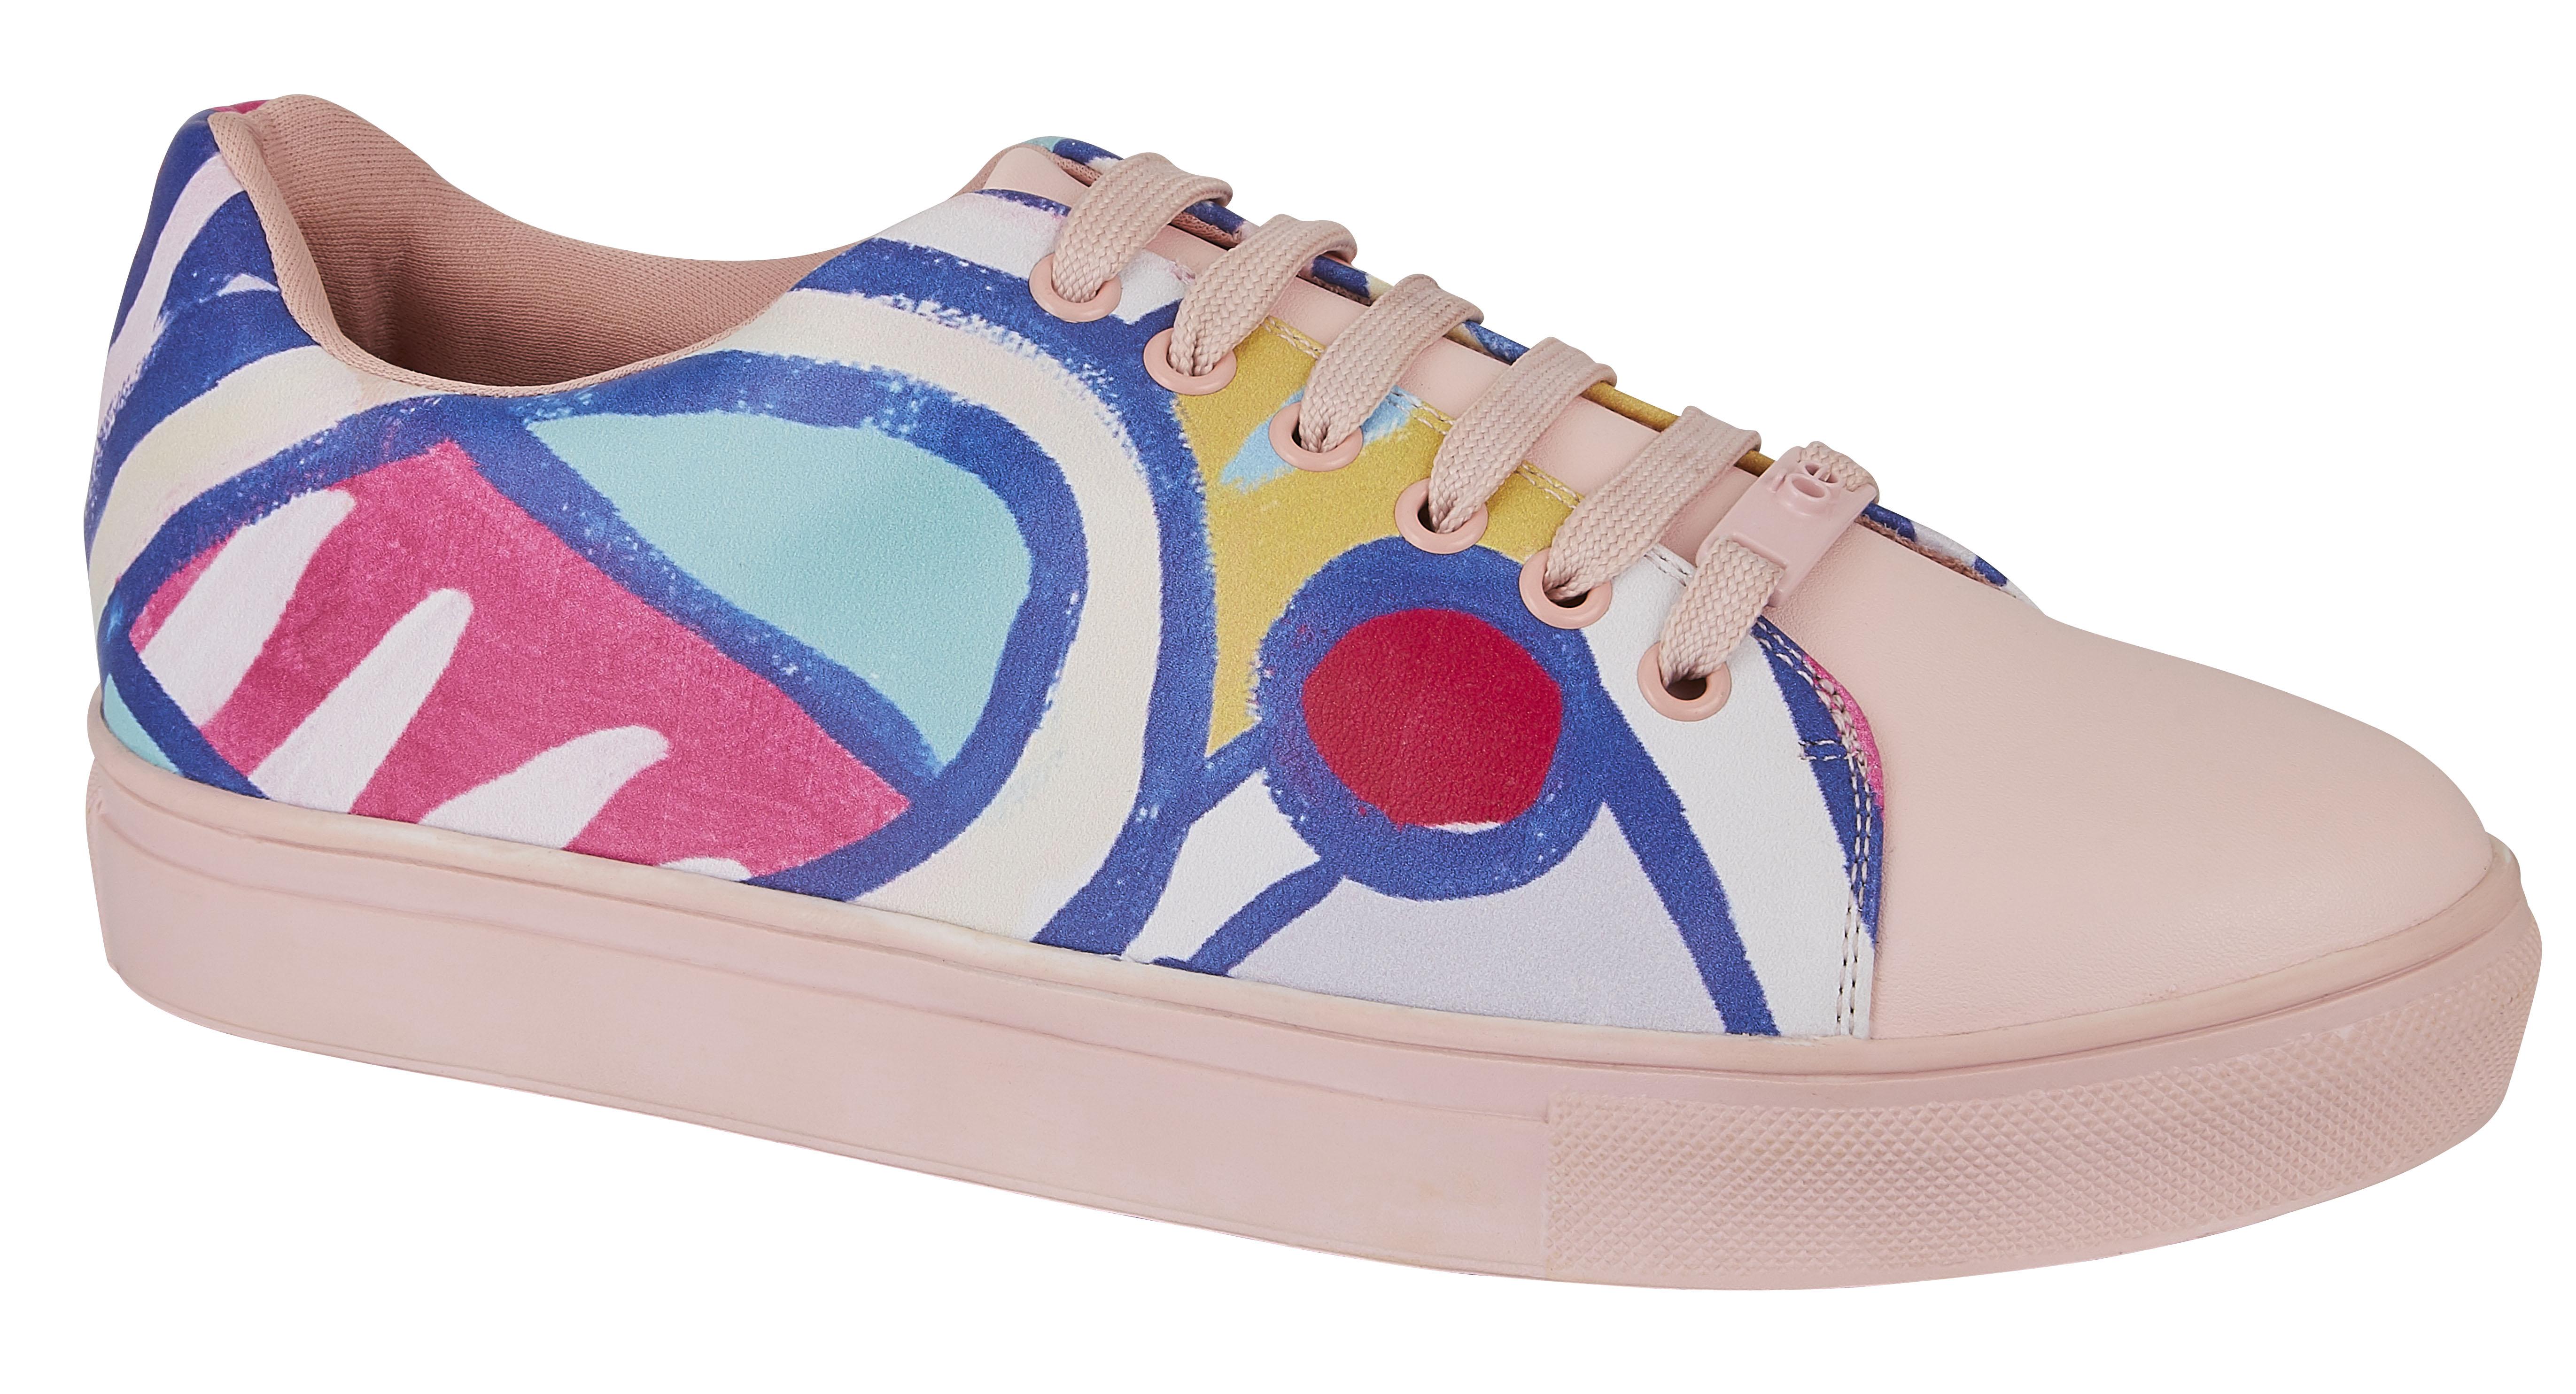 Cloe, Claudio Limón, moda, calzado, arte